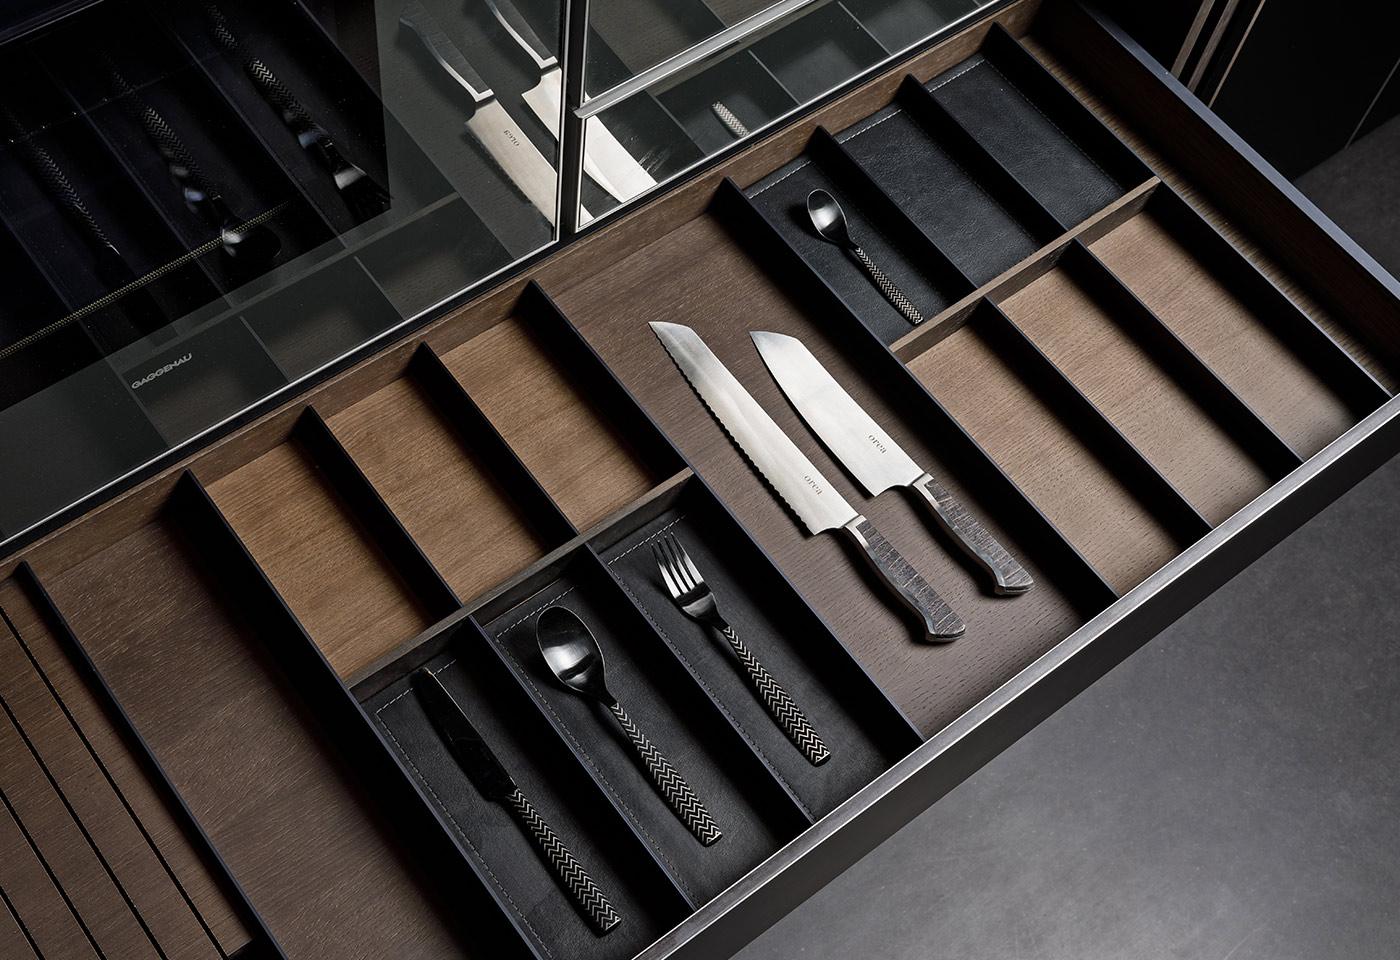 Klare Linien bei Schubladenführung. Lederunterlagen für Besteck und Küchenzubehör.